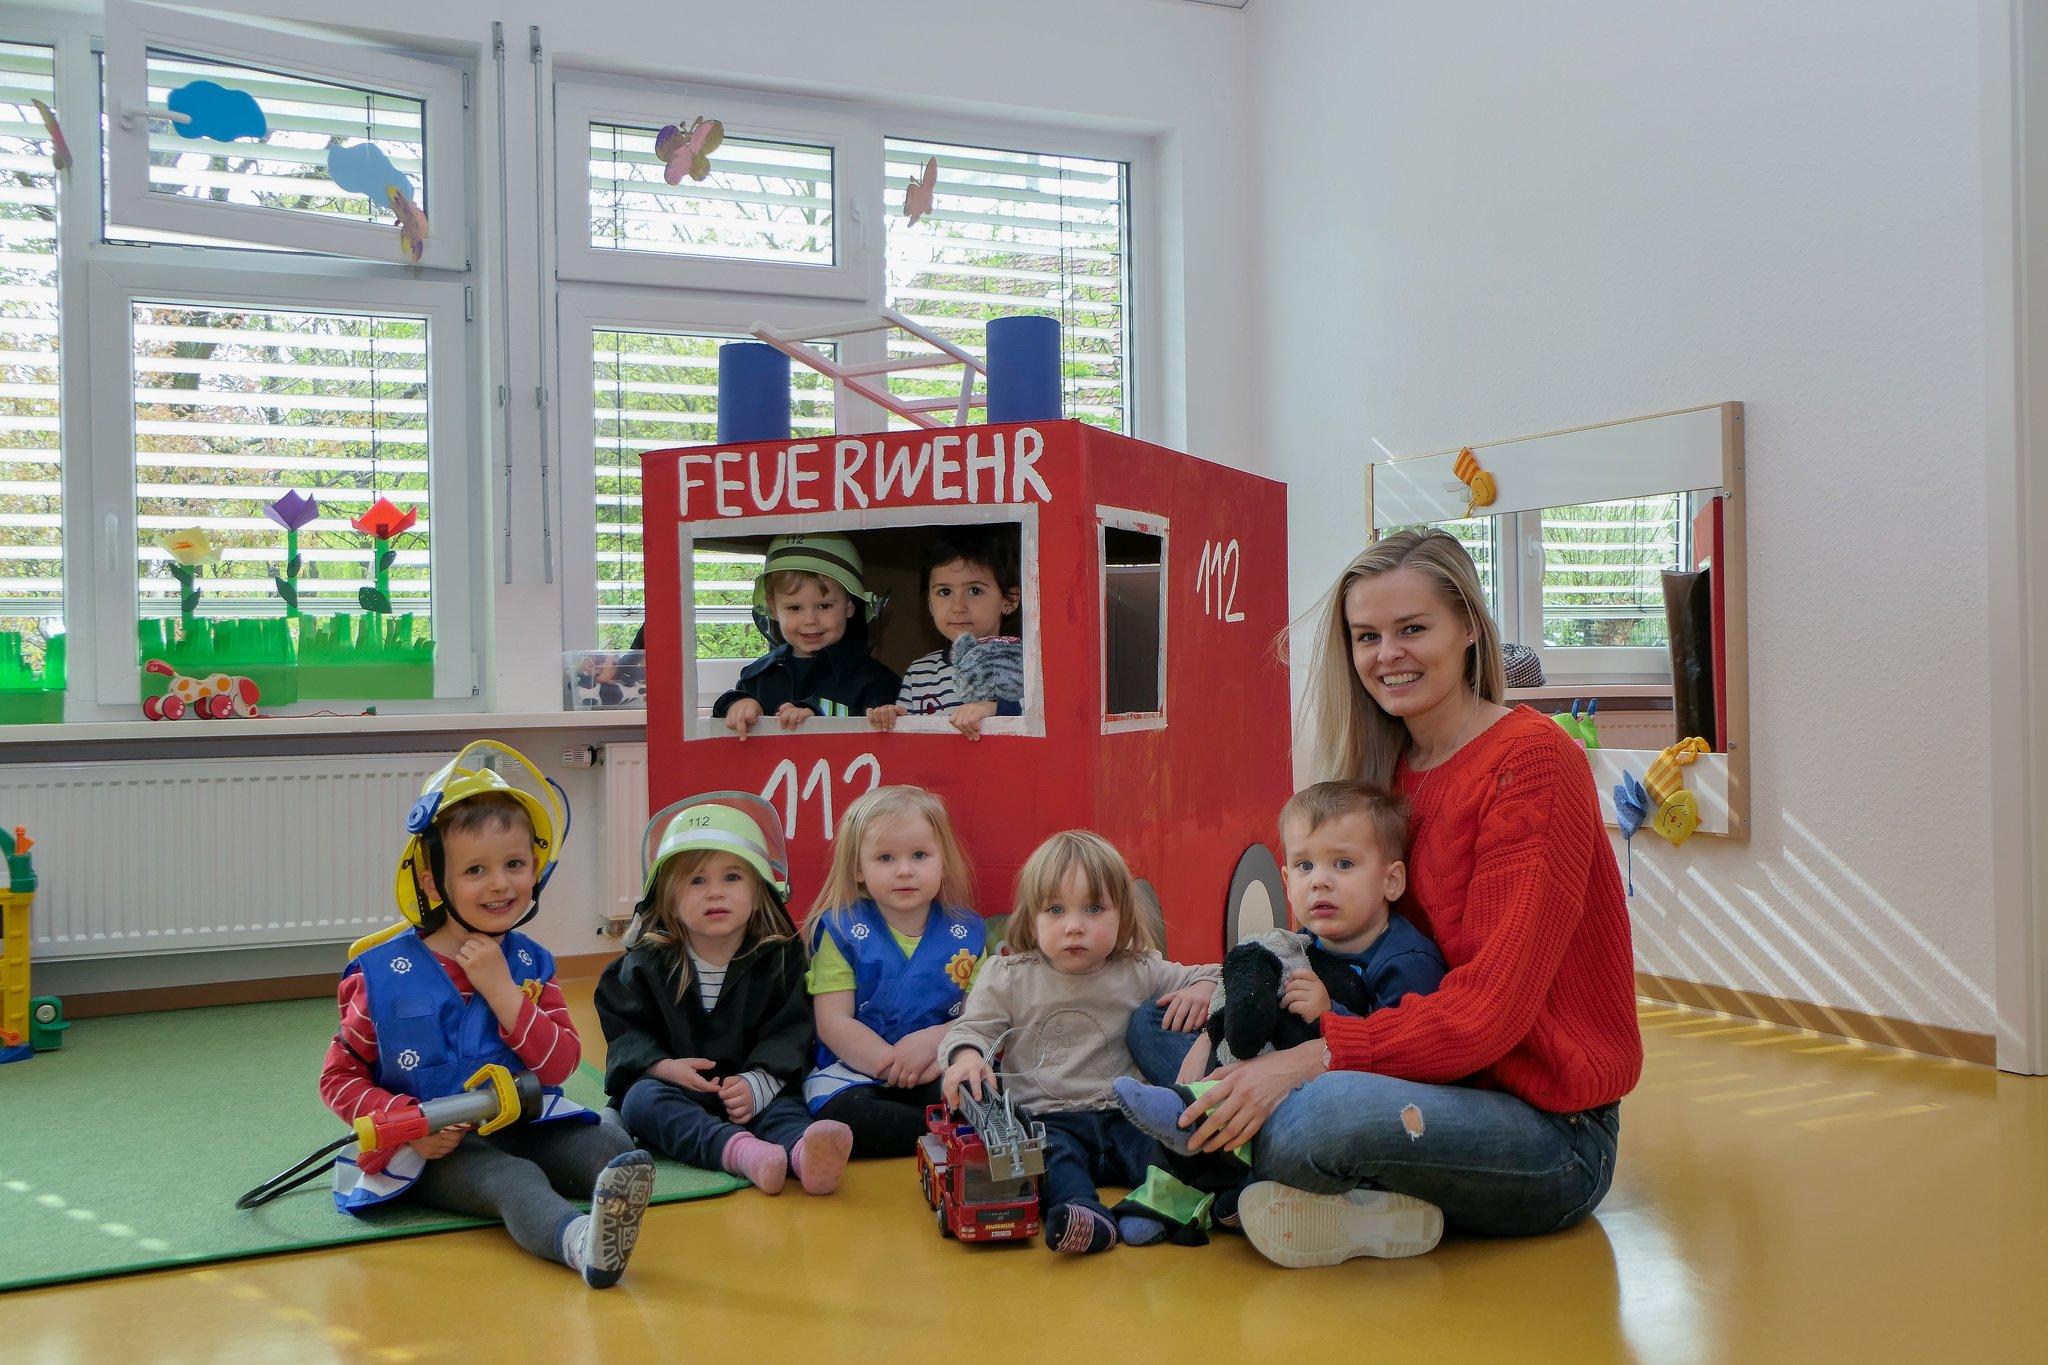 Feuerwehrprojekt Kita Monopoli: Vanessa Enns Startete Ein über Thema Feuerwehr Im Kindergarten Basteln